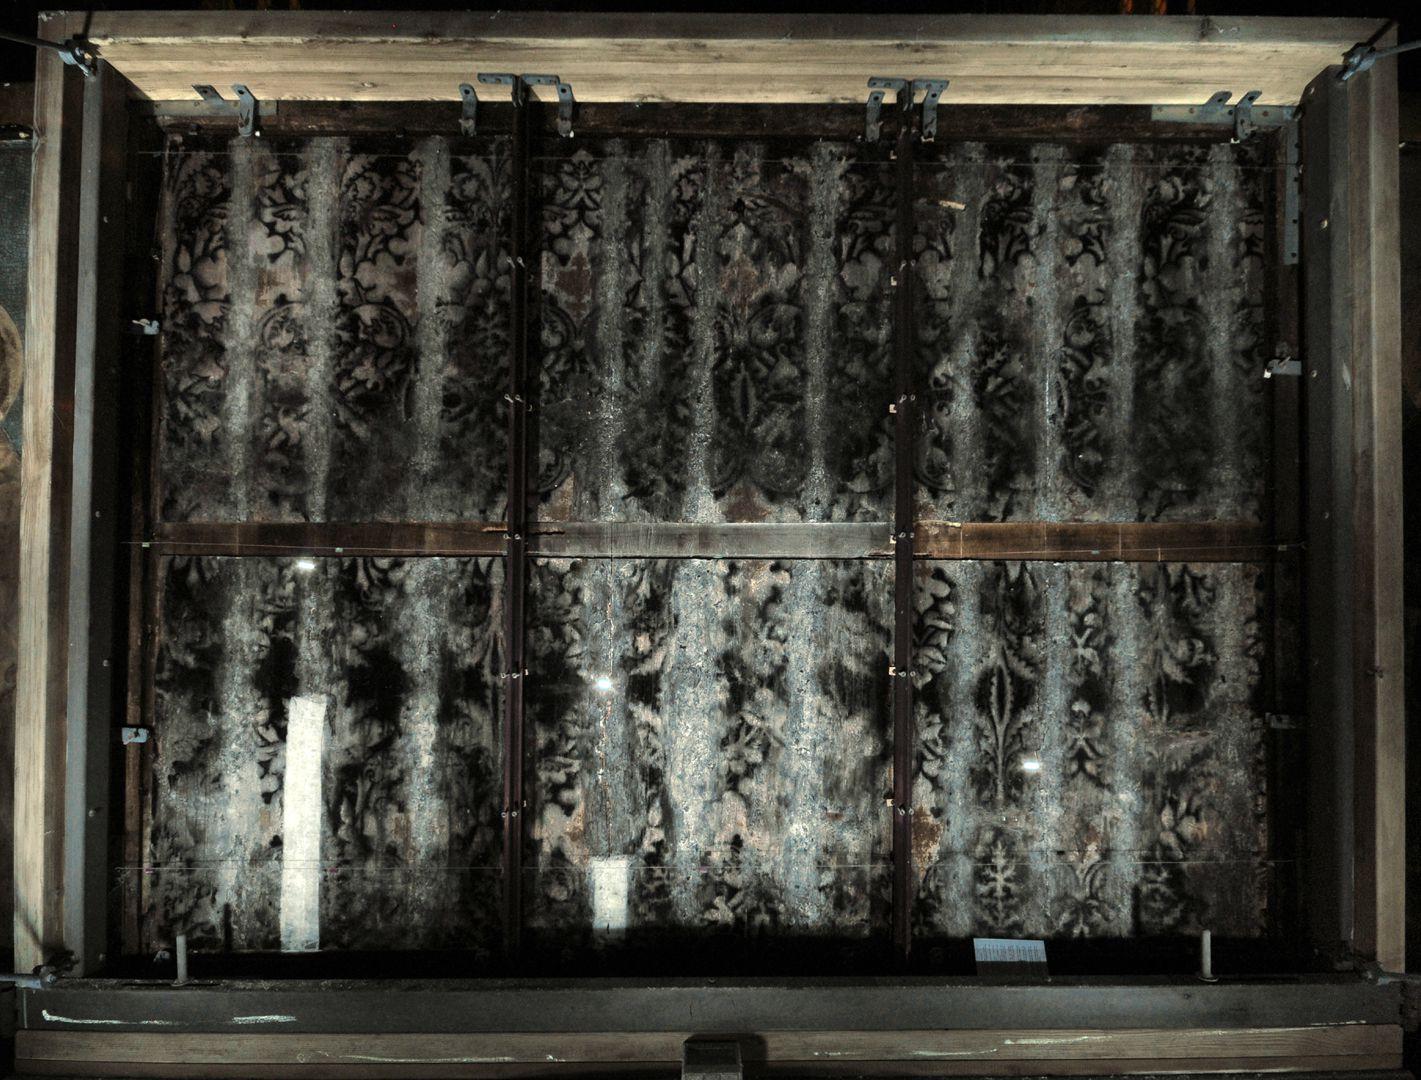 Tucheraltar UV-A Aufnahme der Rückseite des Altars. Sie zeigt, dass der Altar auch auf der Rückseite einst einen Brokatdekor (vertikale Bänder) besaß.